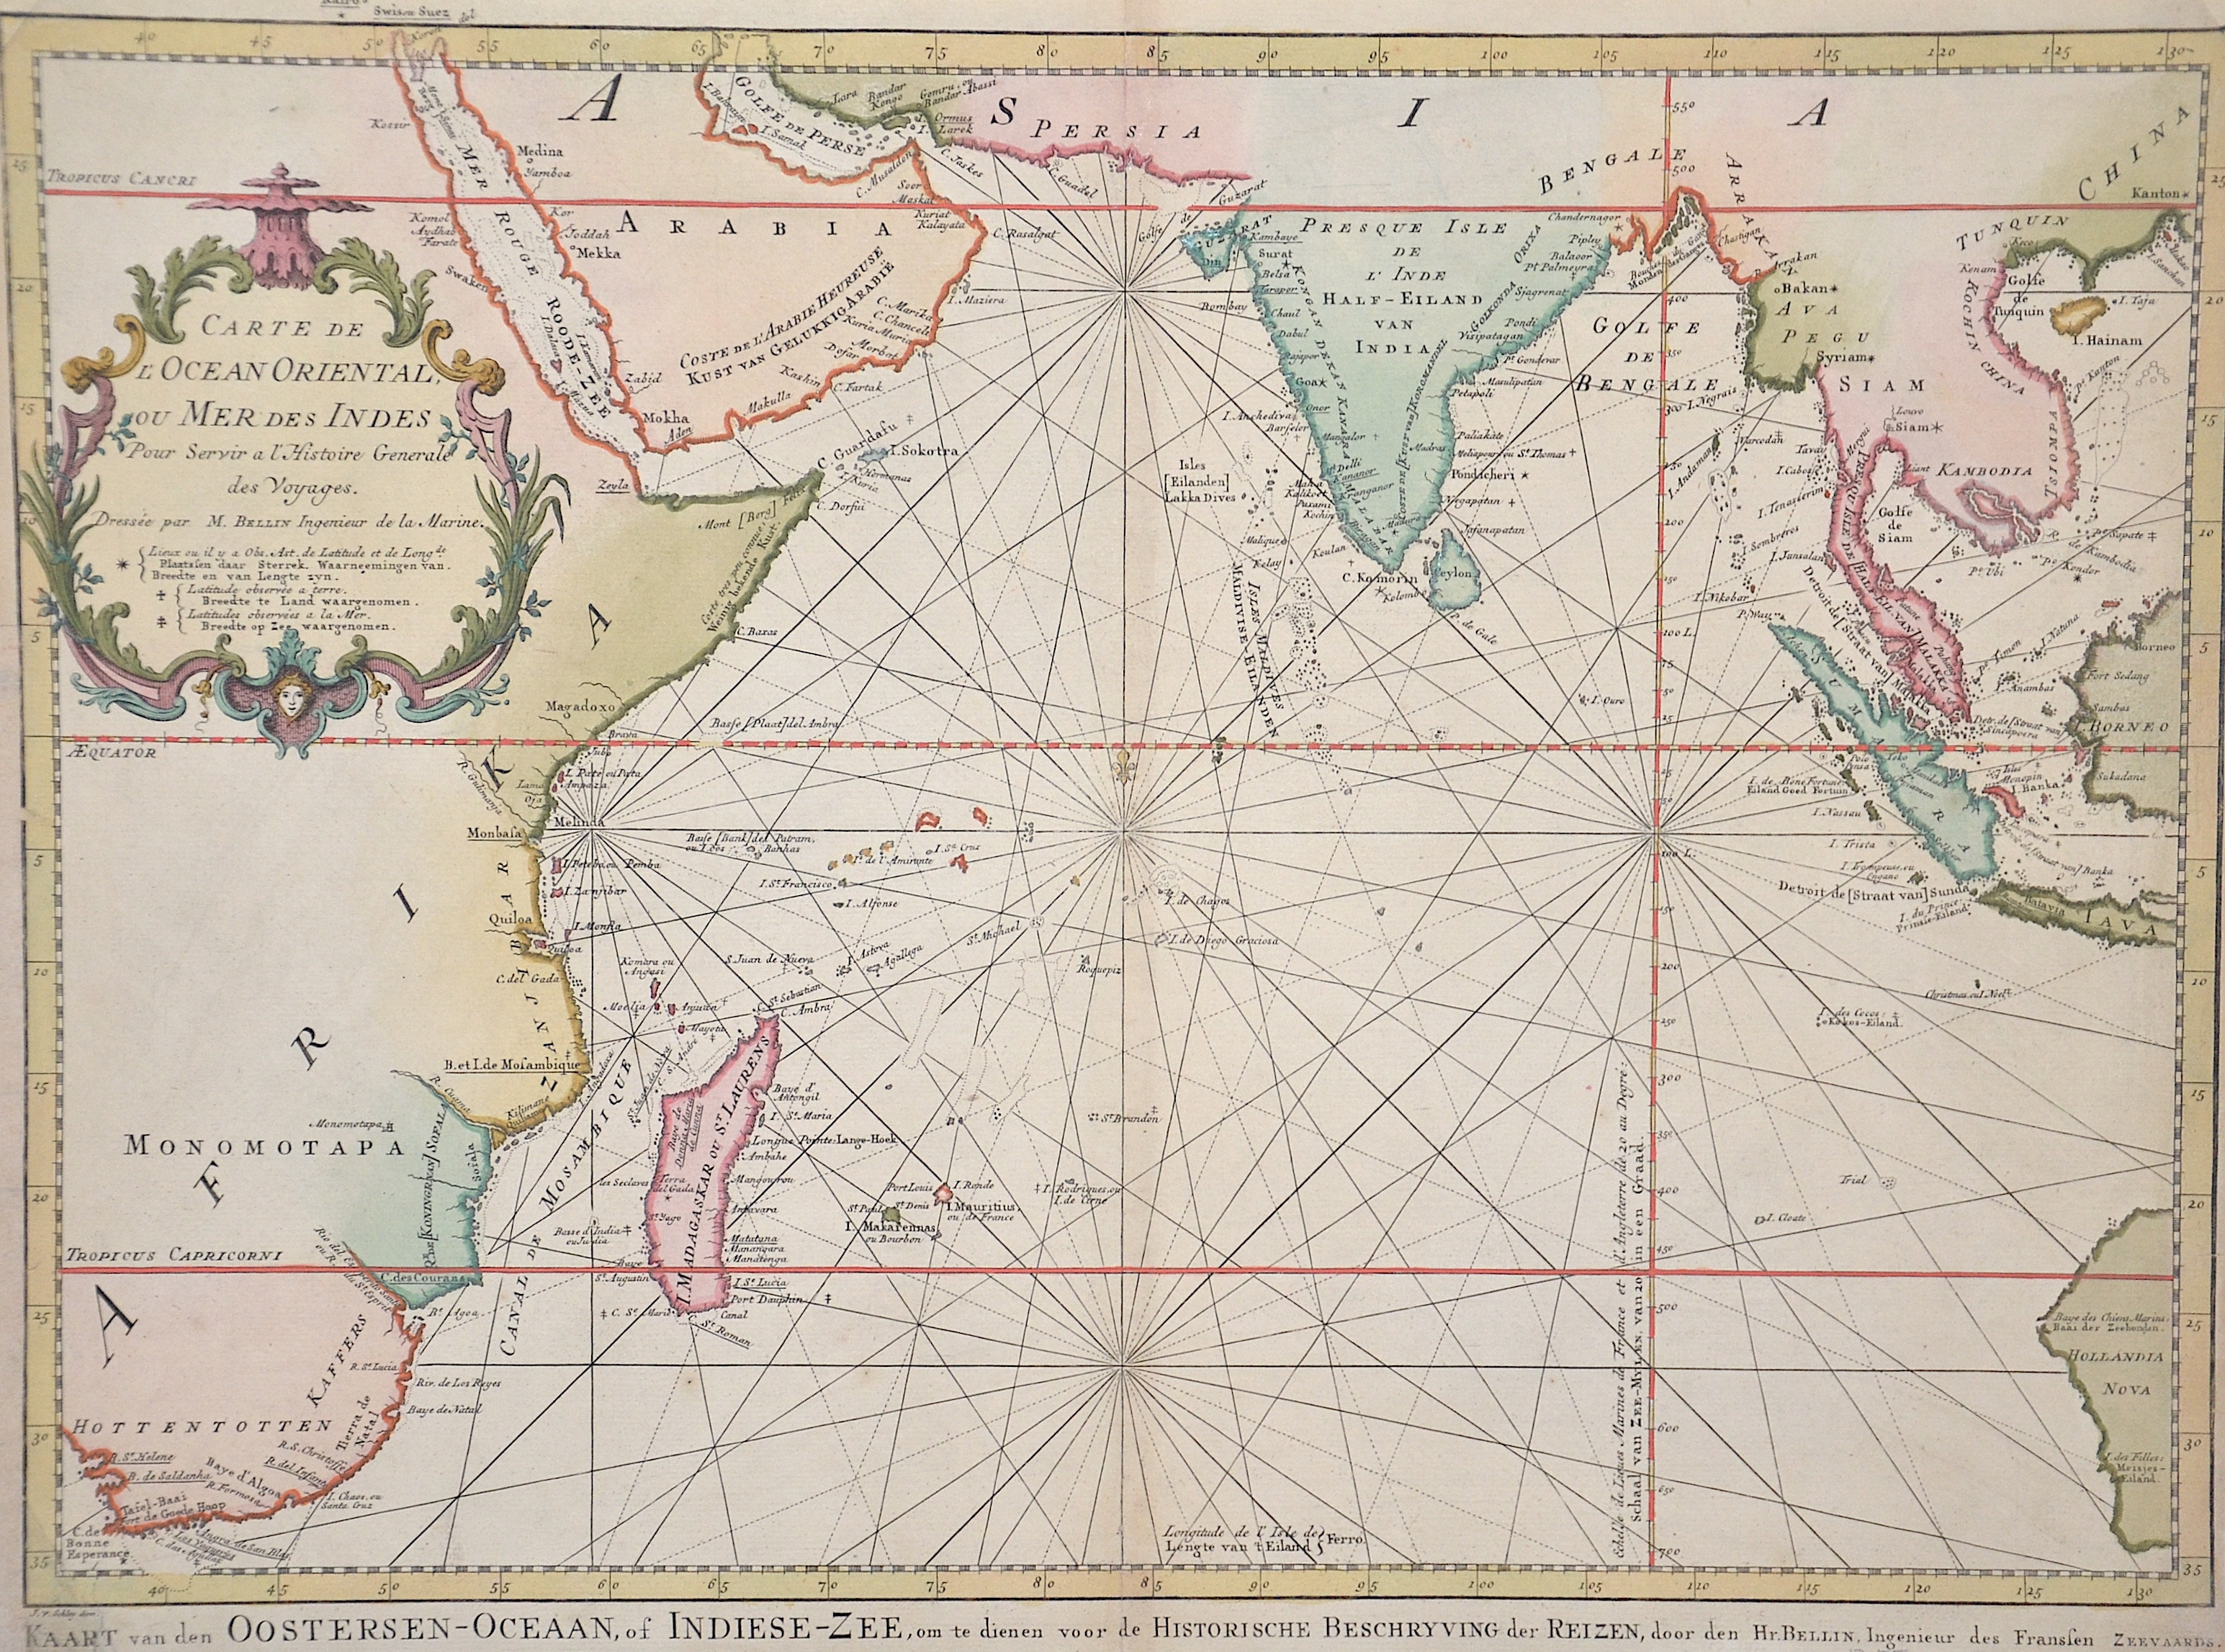 Bellin Jacques Nicolas Cartre de l'Ocean Oriental, ou Mer des Indes